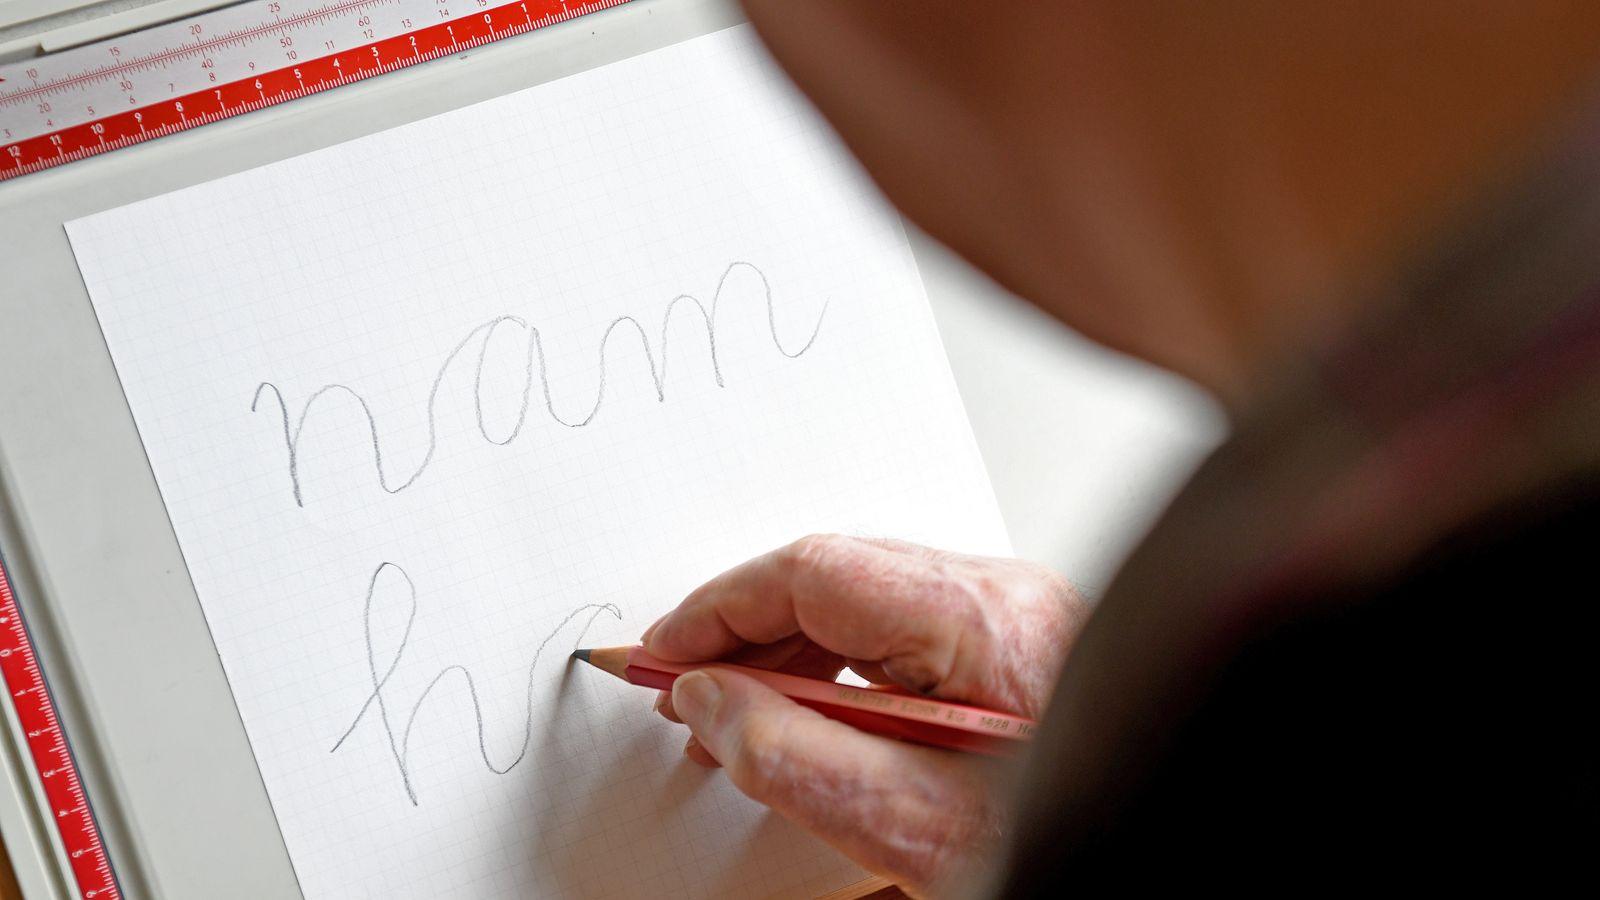 Schüler sollen die Handschrift gründlich erlernen, sagen Didaktiker. Die  bewusste Bewegung des Stifts fördere Kreativität und Konzentration.